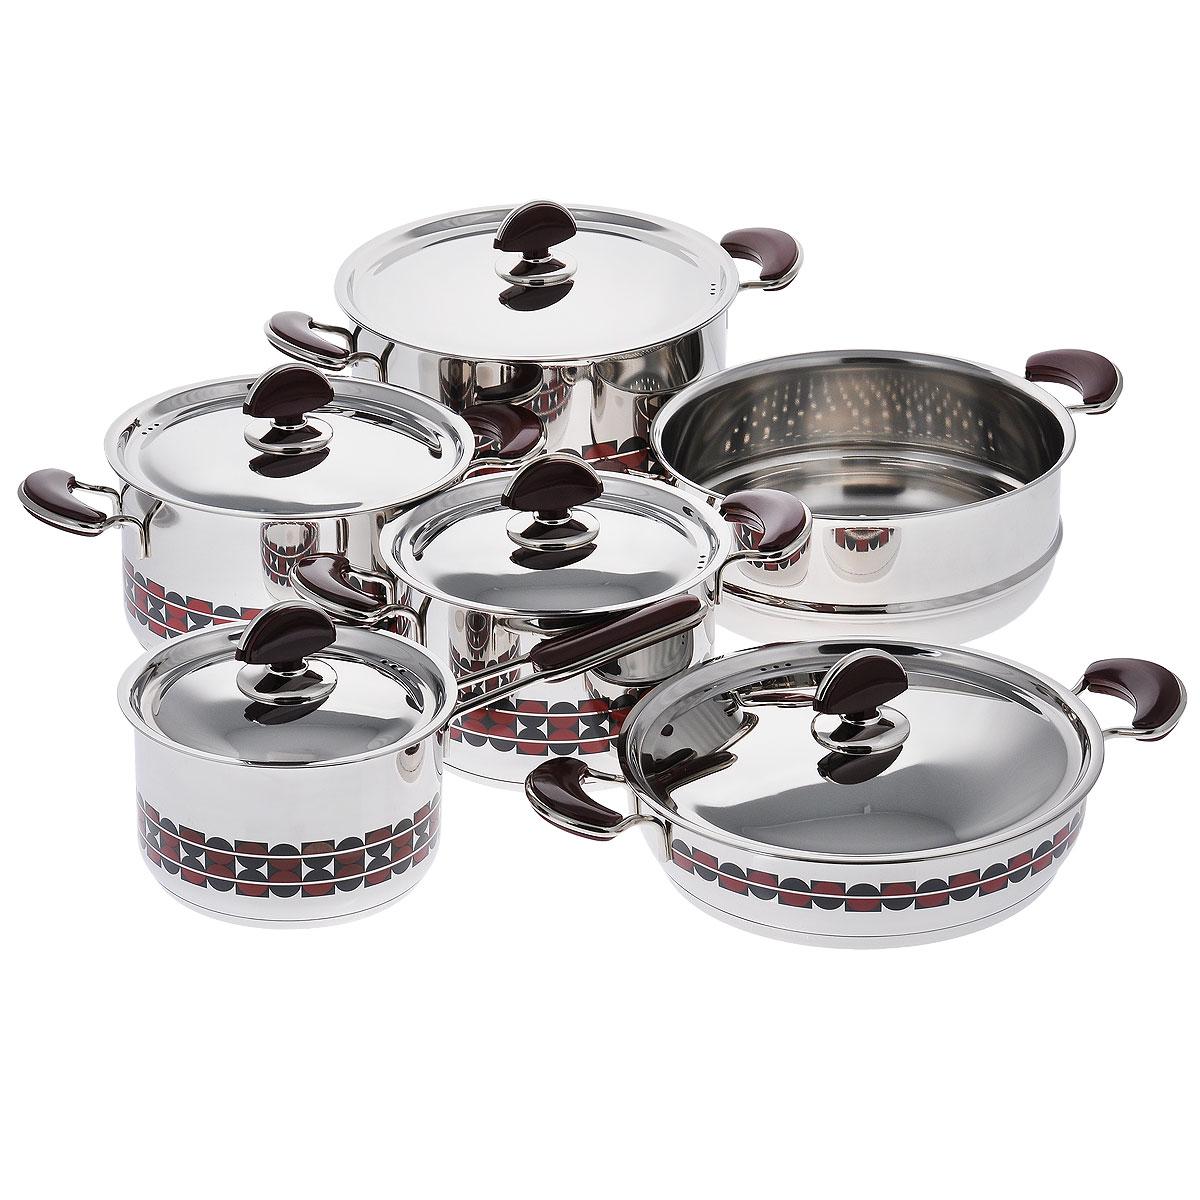 Набор посуды Kitchen-Art EX Pot, 11 предметовZH3000Набор посуды Kitchen-Art EX Pot состоит из четырех кастрюль, ковша и дуршлага-вставки. Изделия выполнены из нержавеющей стали «Премиум-ЛЮКС» (Южная Корея). Материал обладает высокой стойкостью к коррозии и кислотам. Прочность, долговечность и надежность этого материала, а также первоклассная обработка обеспечивают практически неограниченный запас прочности. Зеркальная полировка придает посуде привлекательный внешний вид.Дно посуды с трехслойным напылением. Идеально ровная внутренняя поверхность облегчает процесс чистки.Посуда оснащена удобными металлическими ручками с пластиковыми вставками, которые не нагреваются в процессе приготовления пищи. Крышки изготовлены из нержавеющей стали с пластиковыми ручками. Крышки имеют отверстия для выпуска пара.Набор посуды Kitchen-Art EX Pot - это модный европейский дизайн, обтекаемые линии и формы. Все изделия имеют специальный рисунок в стиле LUXURY. Каждое изделие упаковано в индивидуальную подарочную упаковку.Можно использовать на газовых, электрических, галогенных, стеклокерамических, индукционных плитах. Можно мыть в посудомоечной машине. Объем кастрюль: 2,5 л, 2,5 л, 4 л, 7 л. Диаметр кастрюль: 18 см, 20 см, 24 см, 24 см. Высота стенок кастрюль: 12 см, 12 см, 6,5 см, Диаметр дуршлага-вставки: 24 см. Высота стенки дуршлага-вставки: 10 см. Объем ковша: 2,1 л. Диаметр ковша: 16 см. Длина ручки ковша: 15,5 см. Высота стенки ковша: 10,5 см. Толщина стенки: 3 мм. Толщина дна: 5 мм.